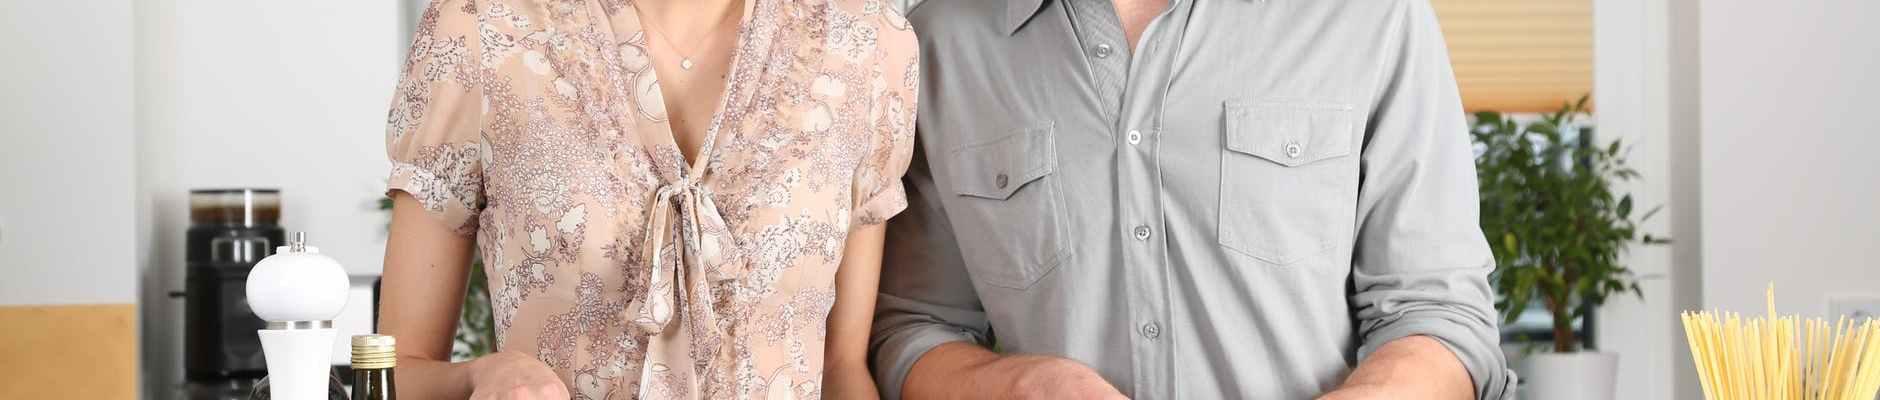 Prvo i osnovno pravilo bračnog života: Ne pokazuj da išta znaš!